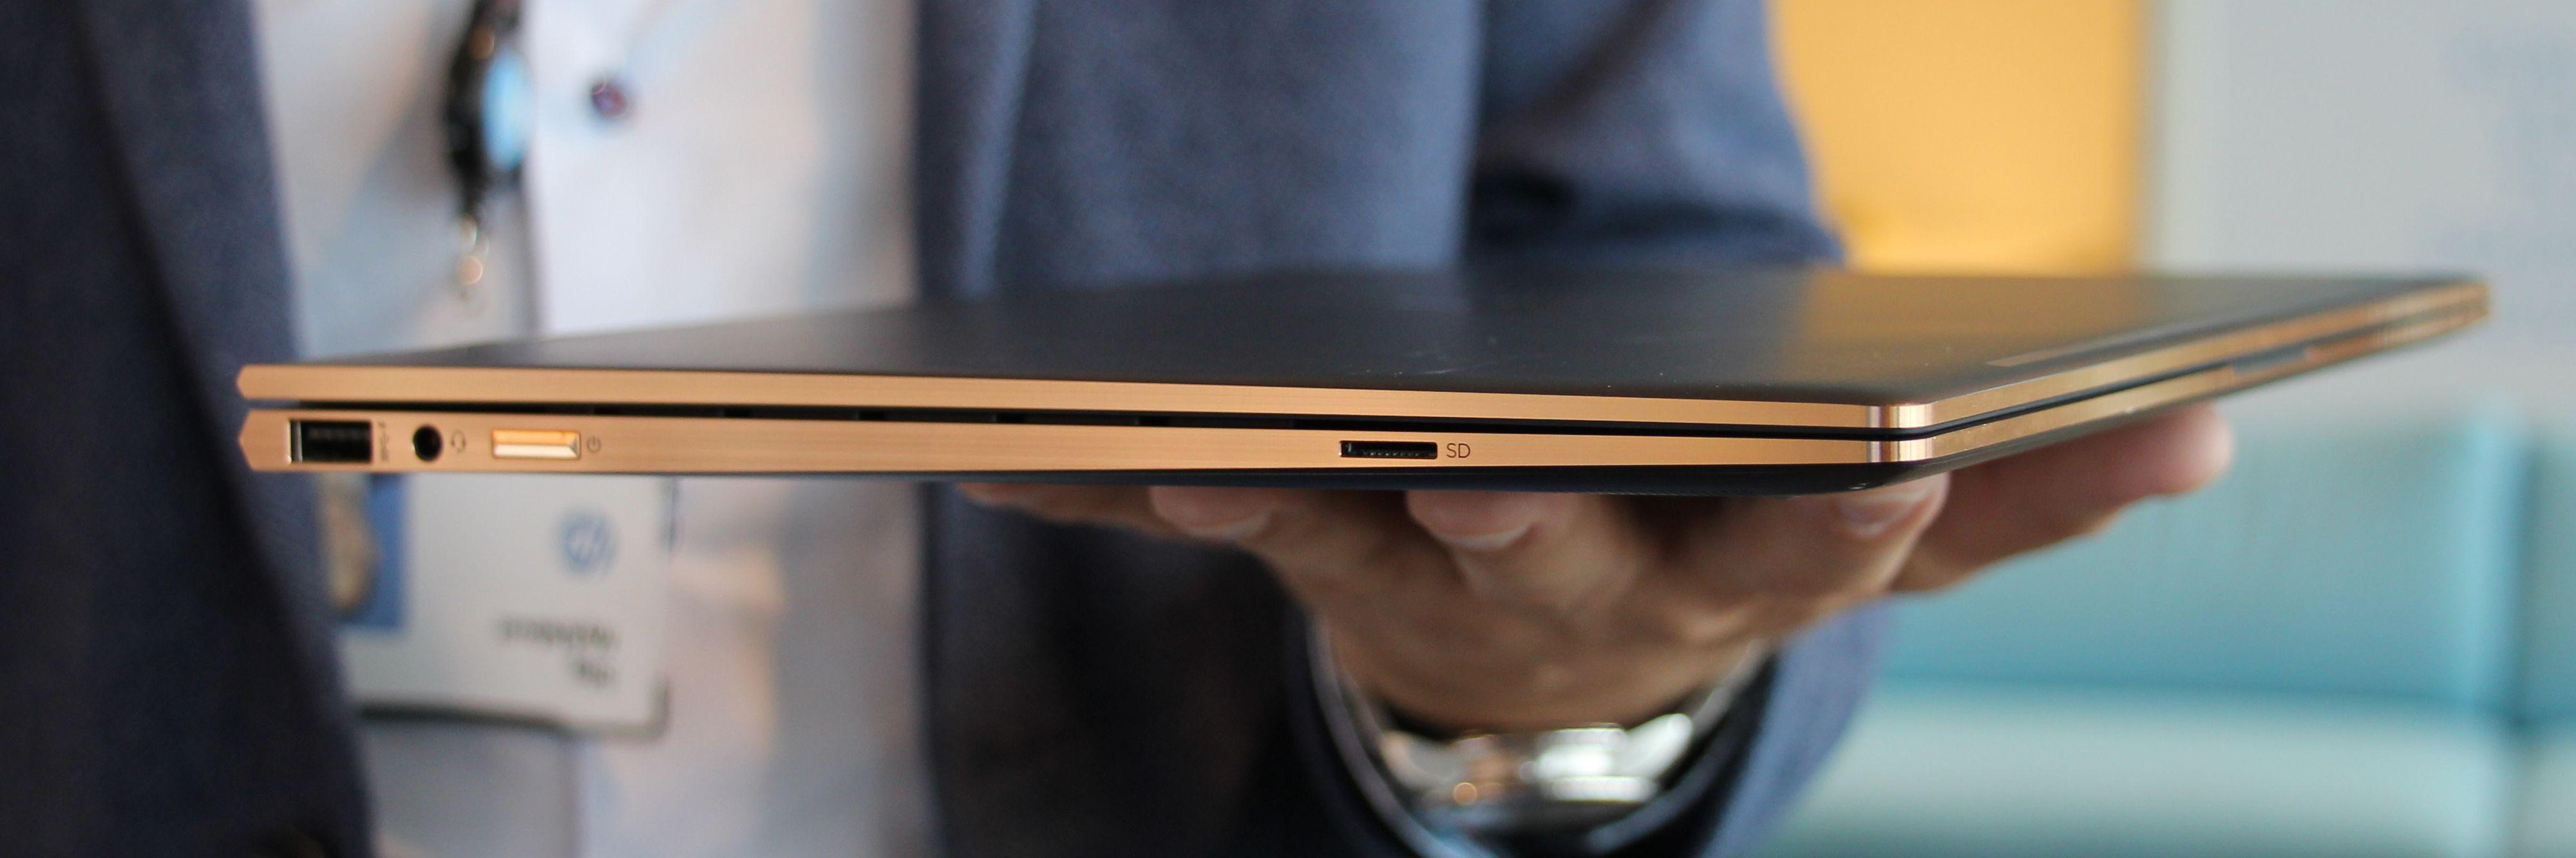 Spectre x360 har en vanlig USB-port i tillegg til to moderne USB Type-C-porter.